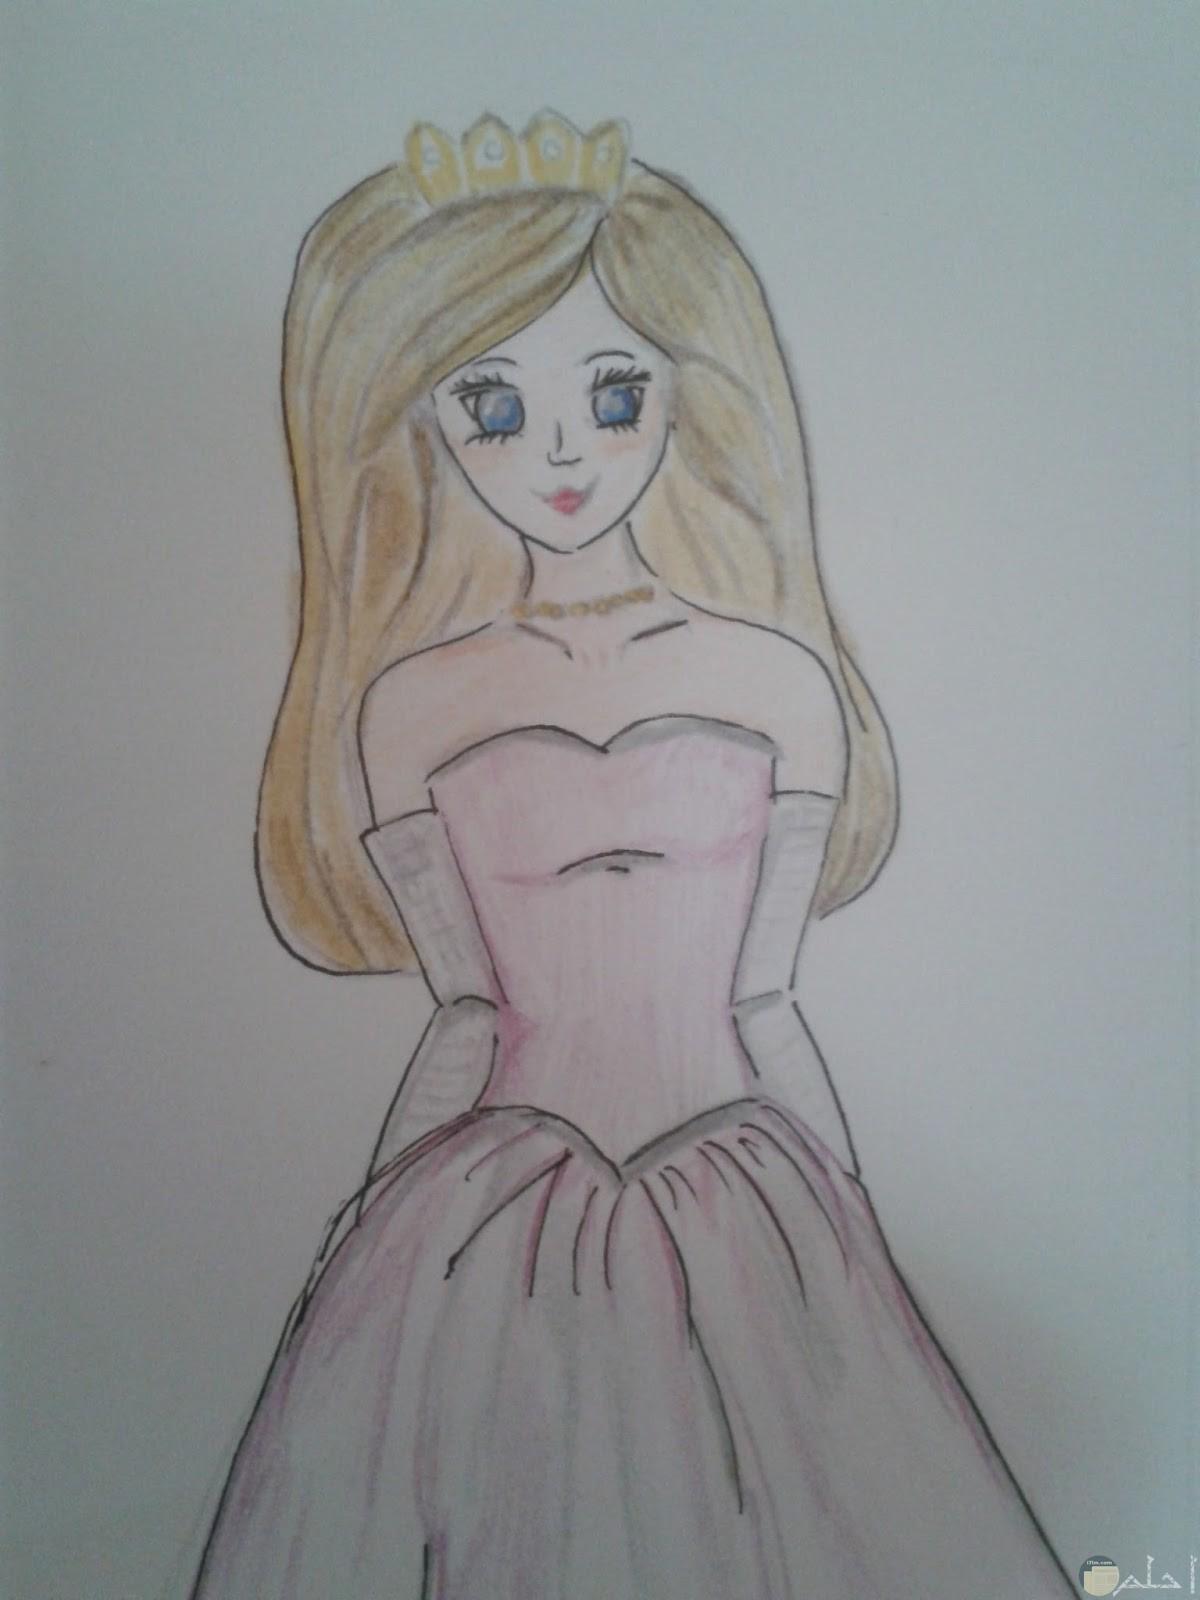 رسمة أنمي ملونة لفتاة جميلة ترتدي فستان.